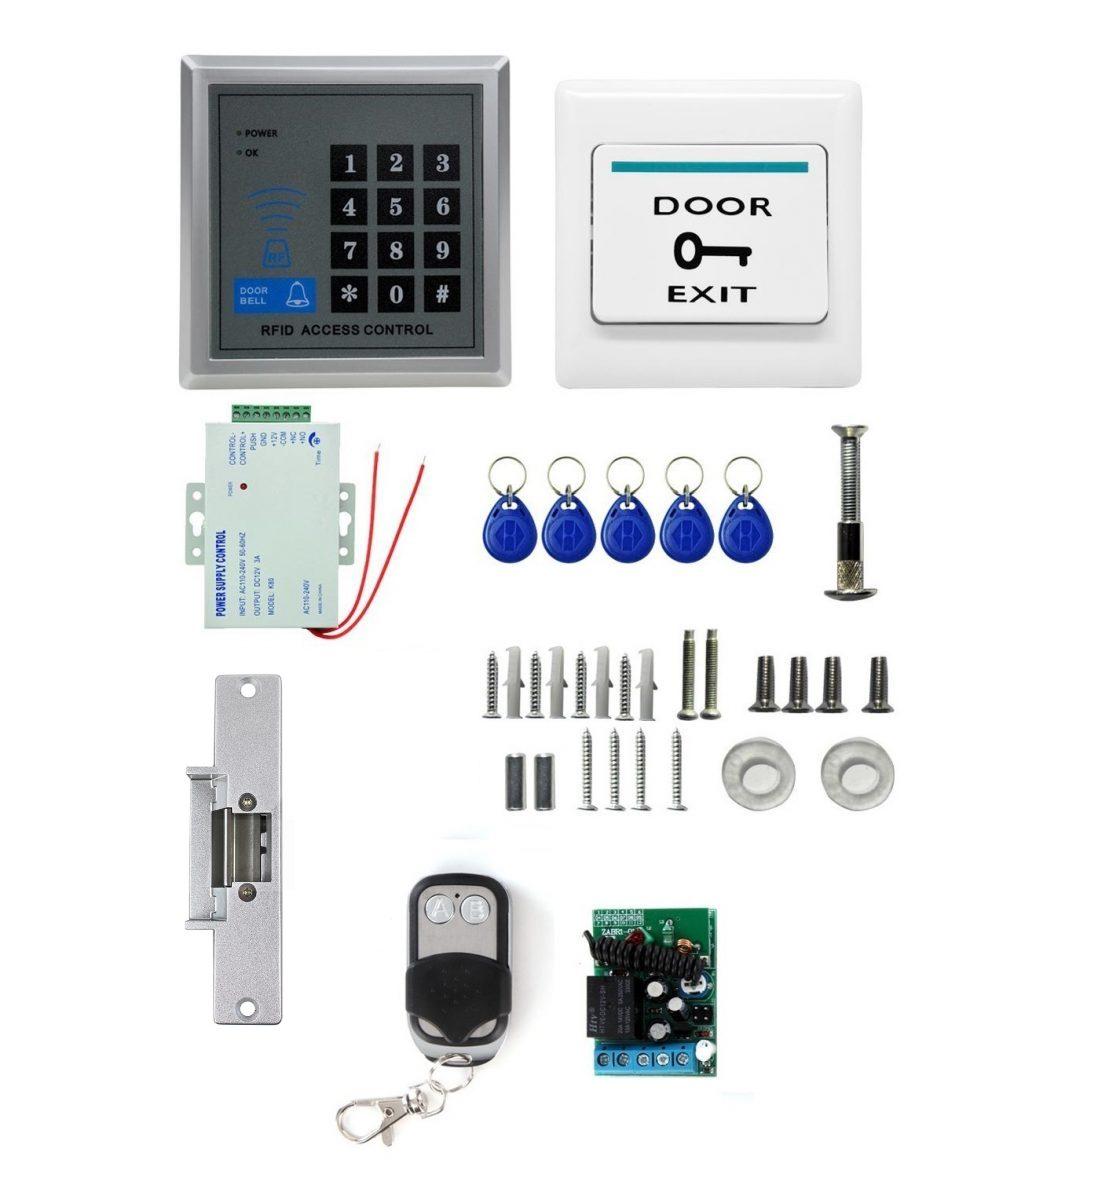 Elektrické ovládání dveří Kompletní set Zámek RFID 125KHz